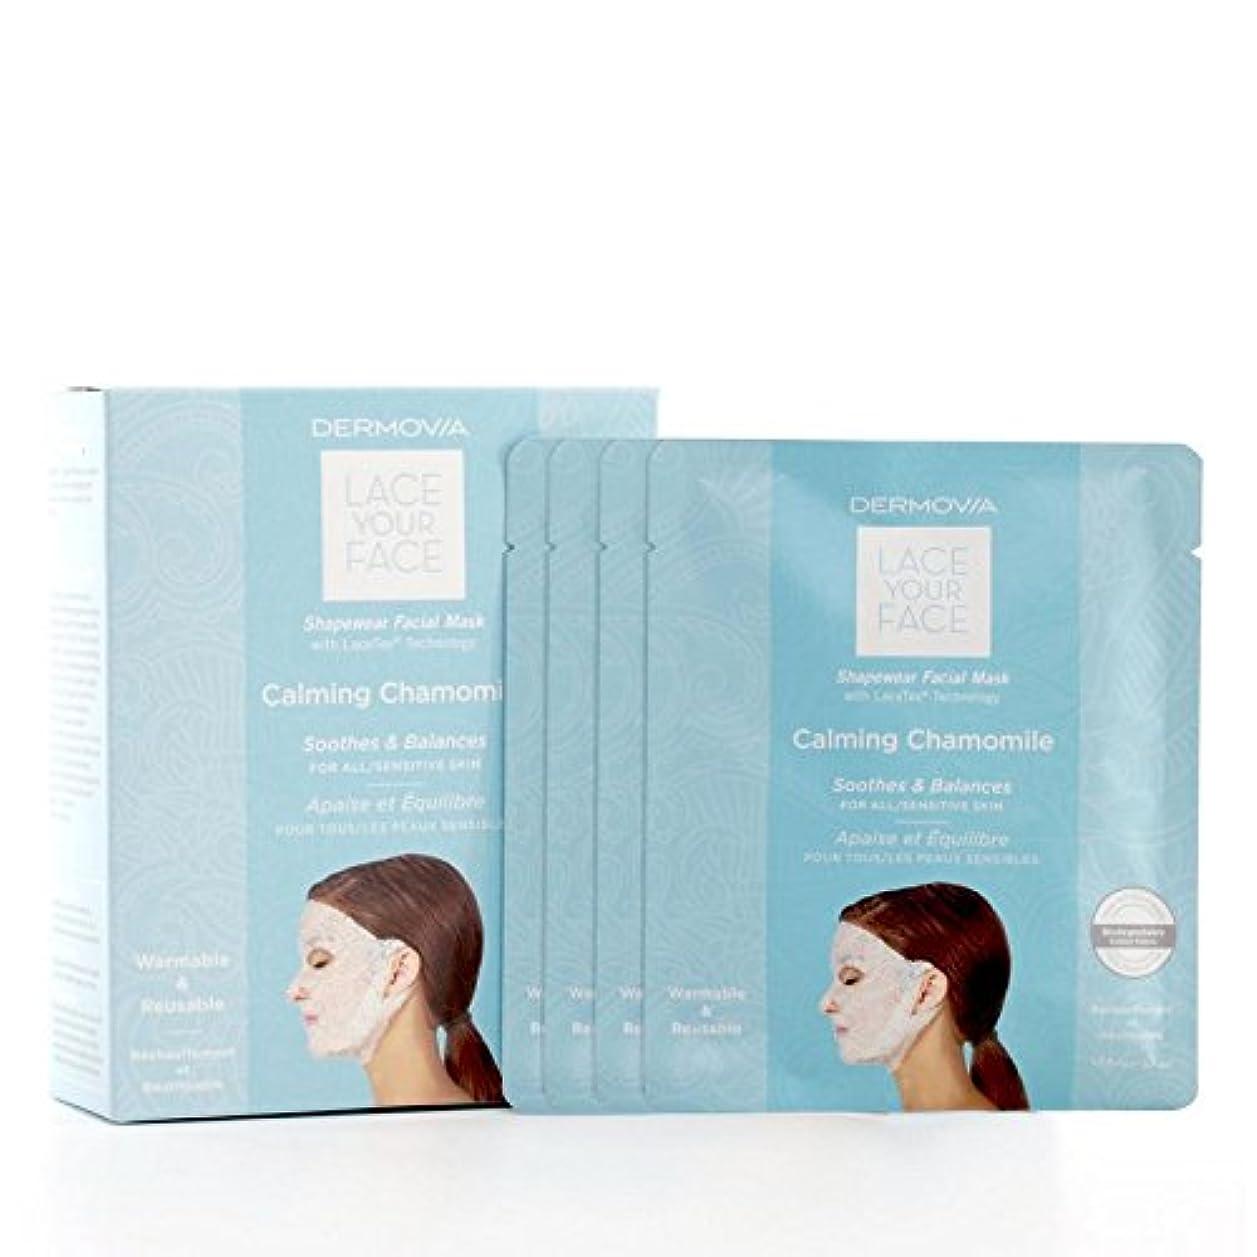 ルーチン先祖ファイナンスDermovia Lace Your Face Compression Facial Mask Calming Chamomile - は、あなたの顔の圧縮フェイシャルマスク心を落ち着かせるカモミールをひもで締めます [...